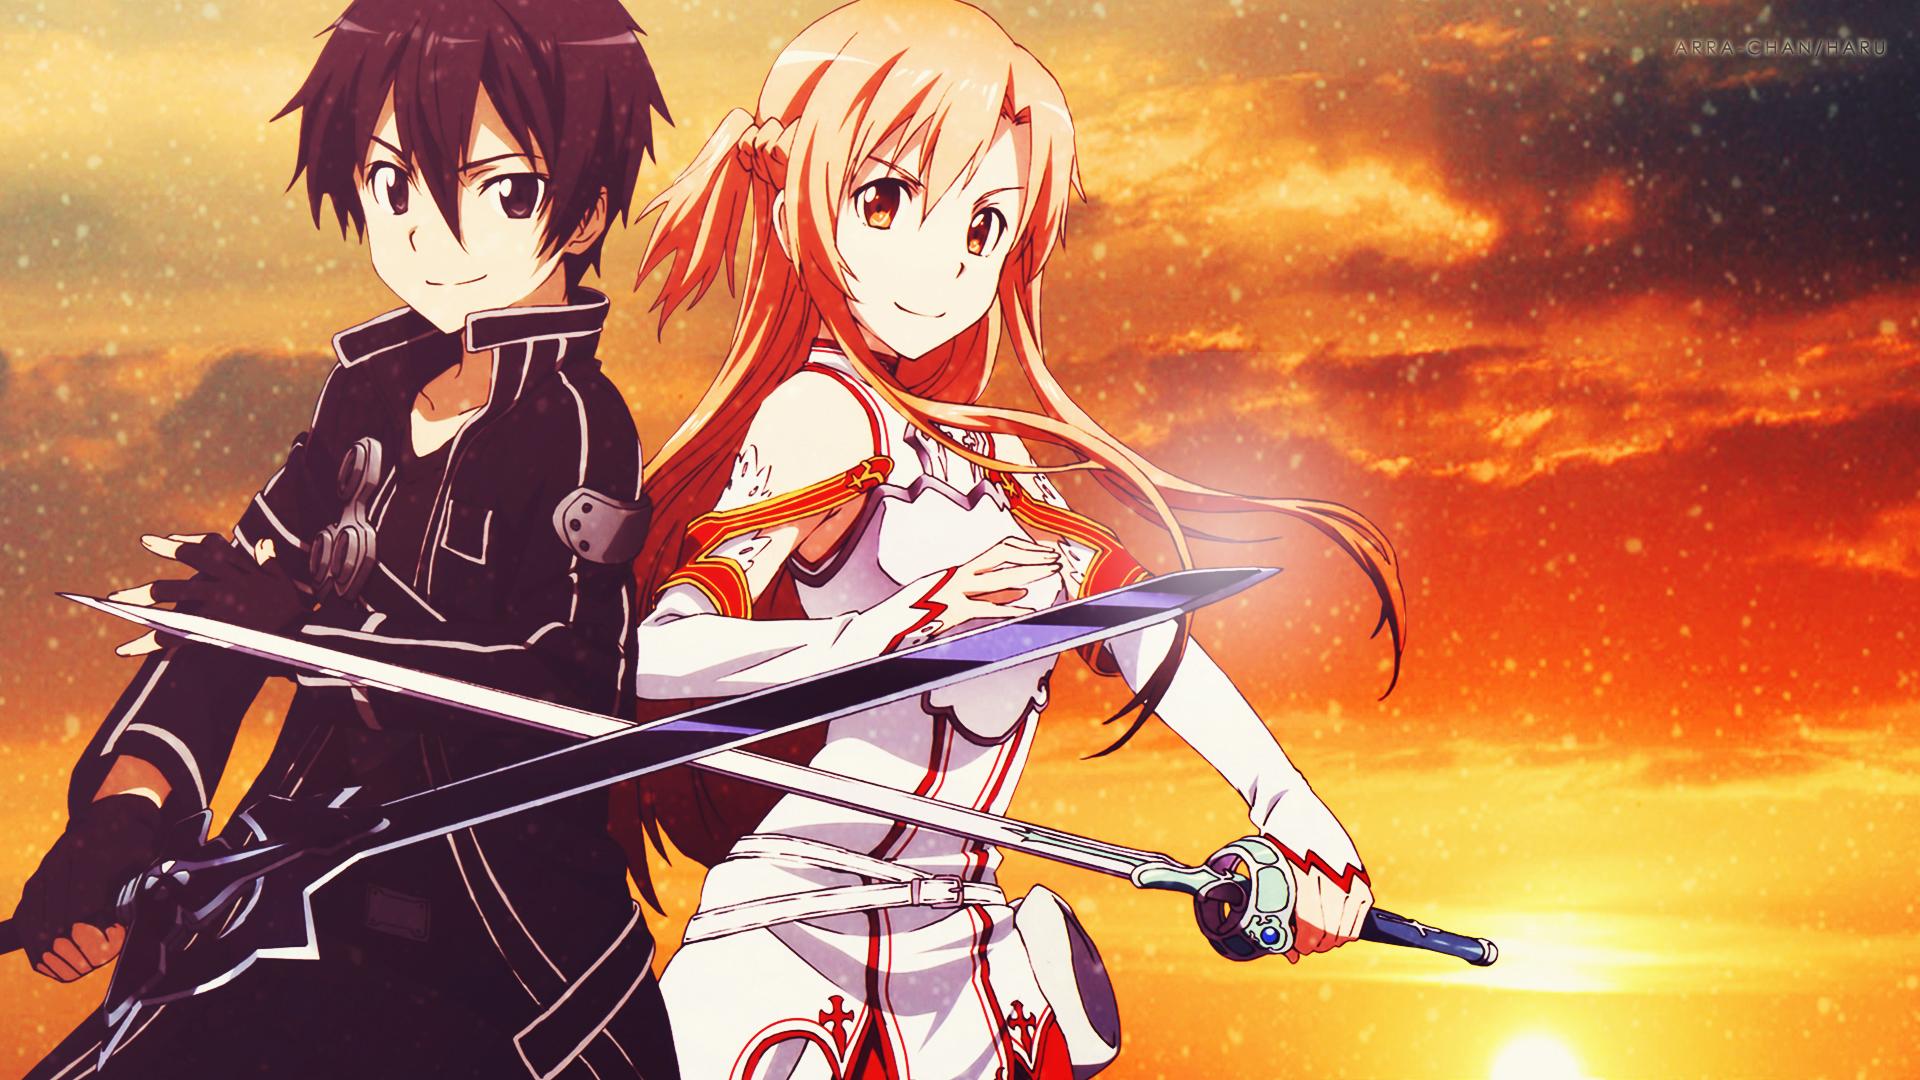 Sword art online wallpapers 1 - Sword art online wallpaper 720x1280 ...